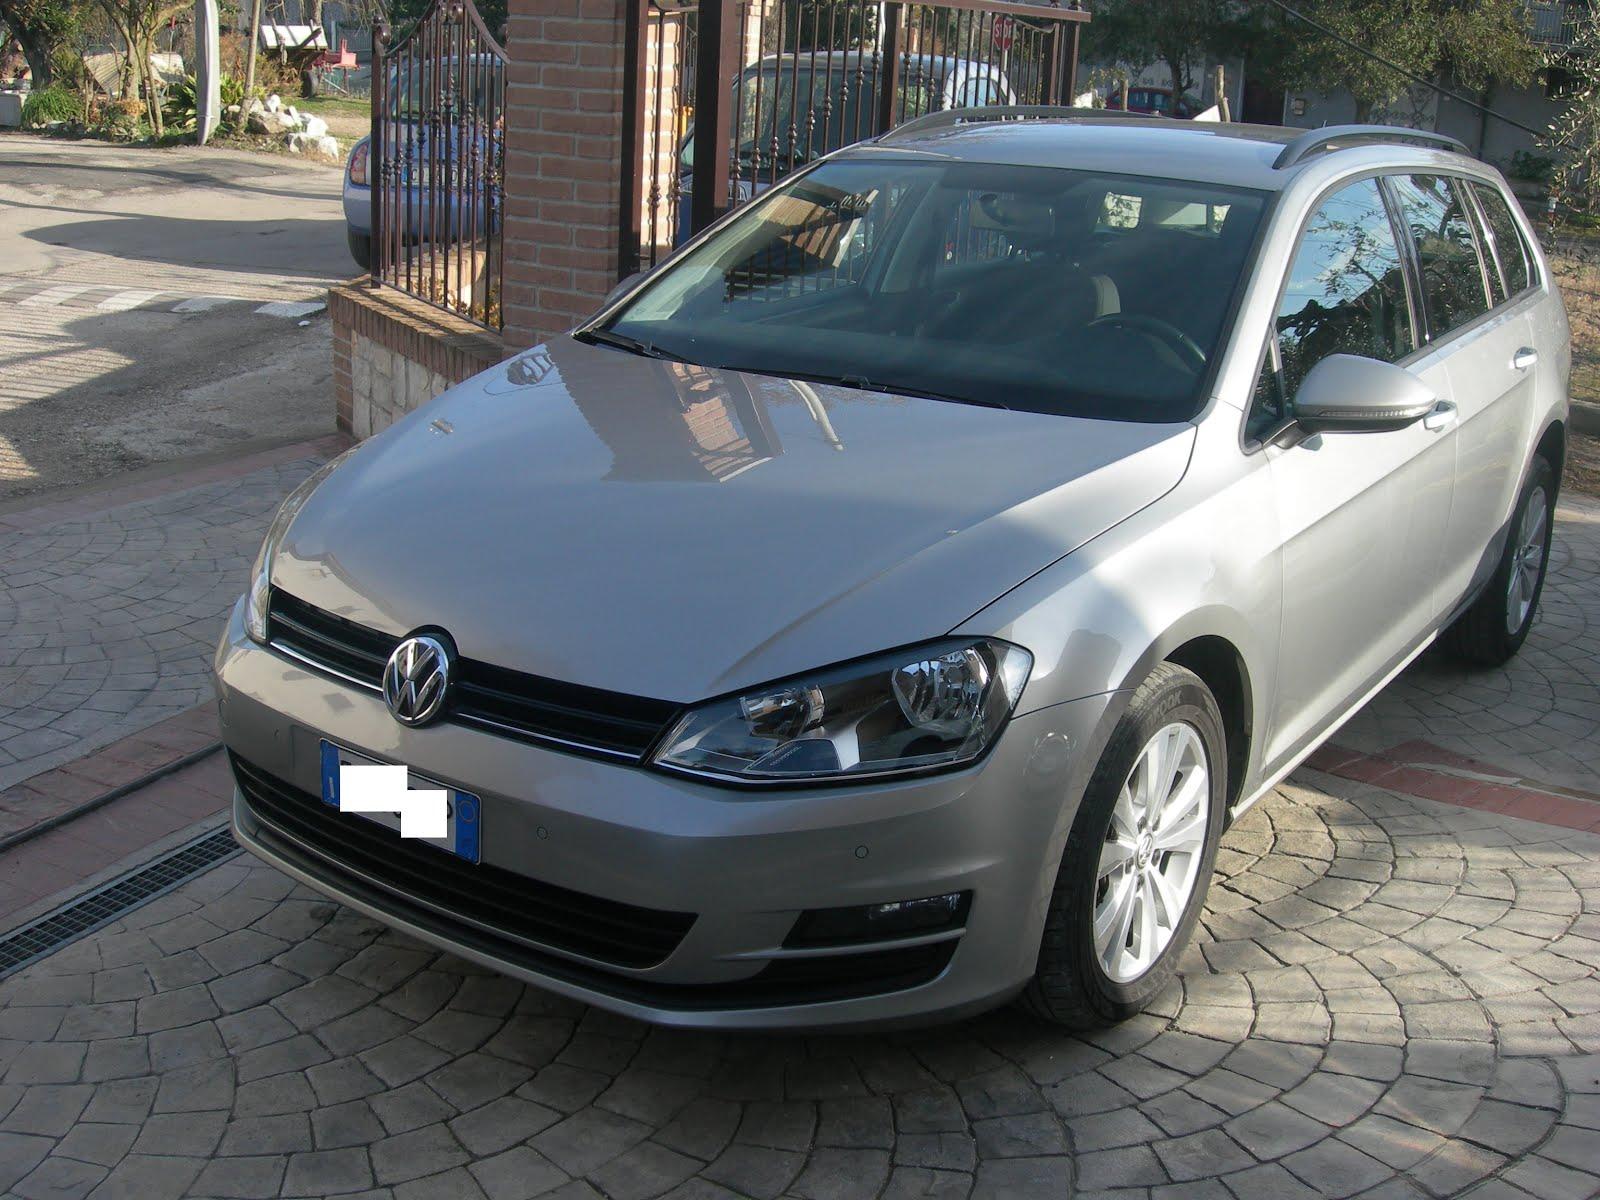 VW GOLF 7 1.6 TDI 110 CV ANNO 2015 DSG CAMBIO AUTOM- 80.000KM VARIANT SW PREZZO 16.000,00 EURO